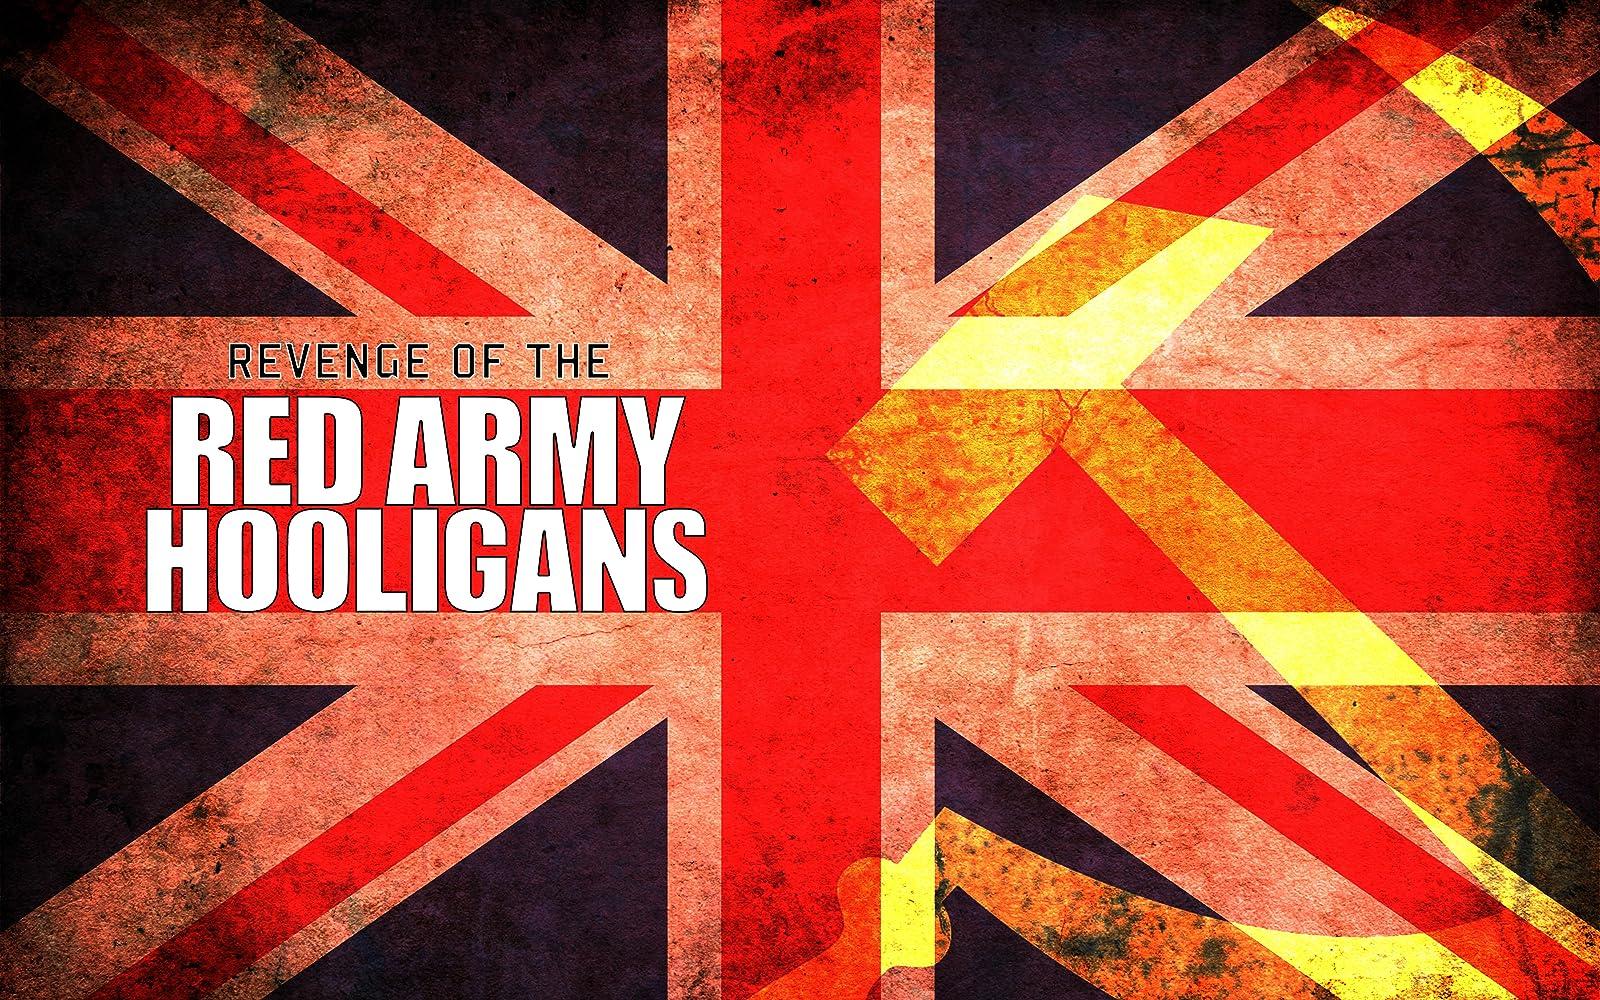 Revenge of the Red Army Hooligans cкачать через торрент в HD